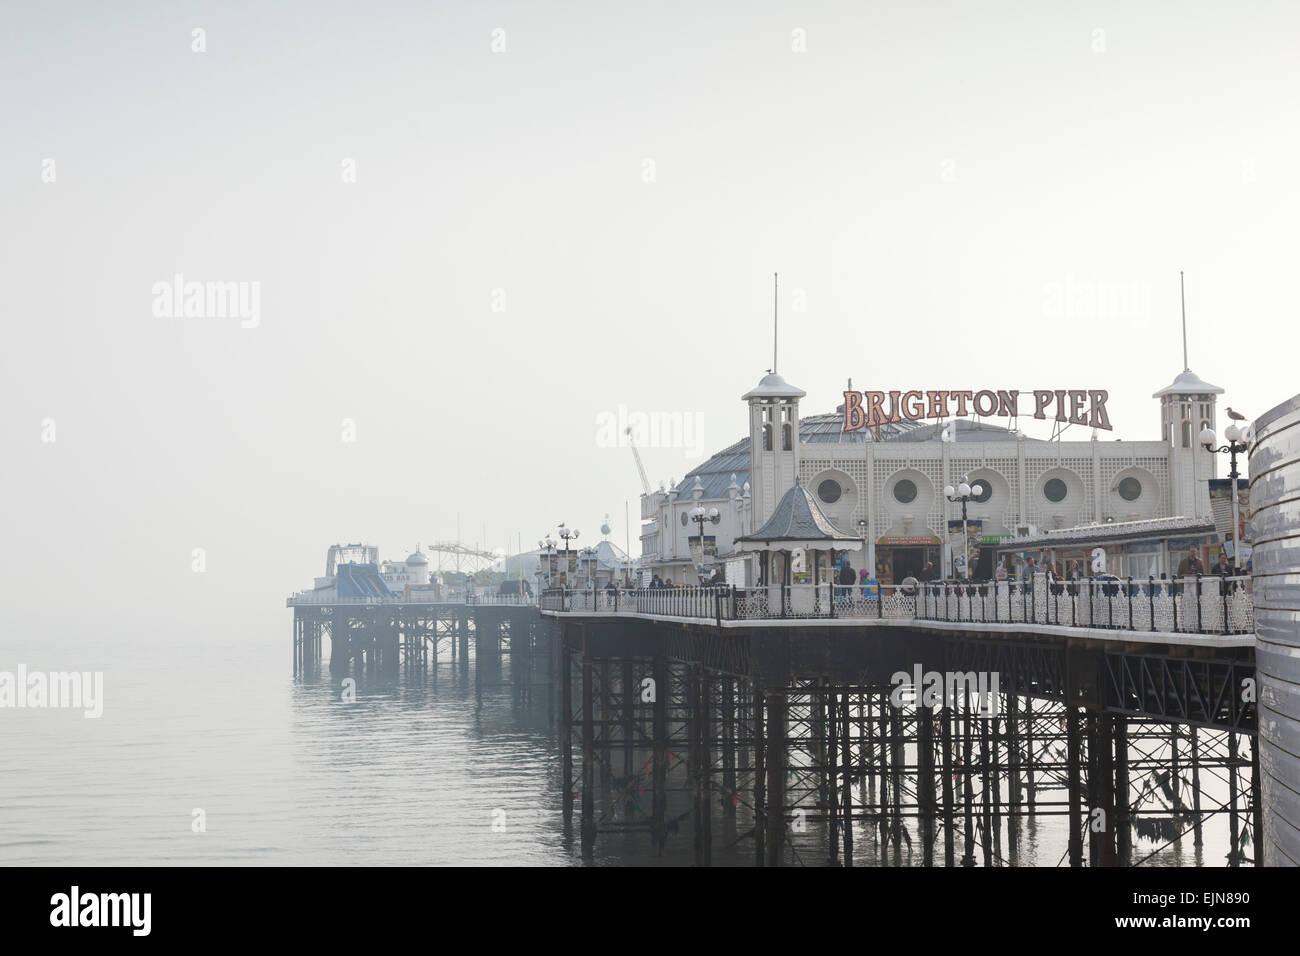 La jetée de Brighton sur un tissu doux, chaud, brumeuse journée de printemps, Sussex, Angleterre. Photo Stock